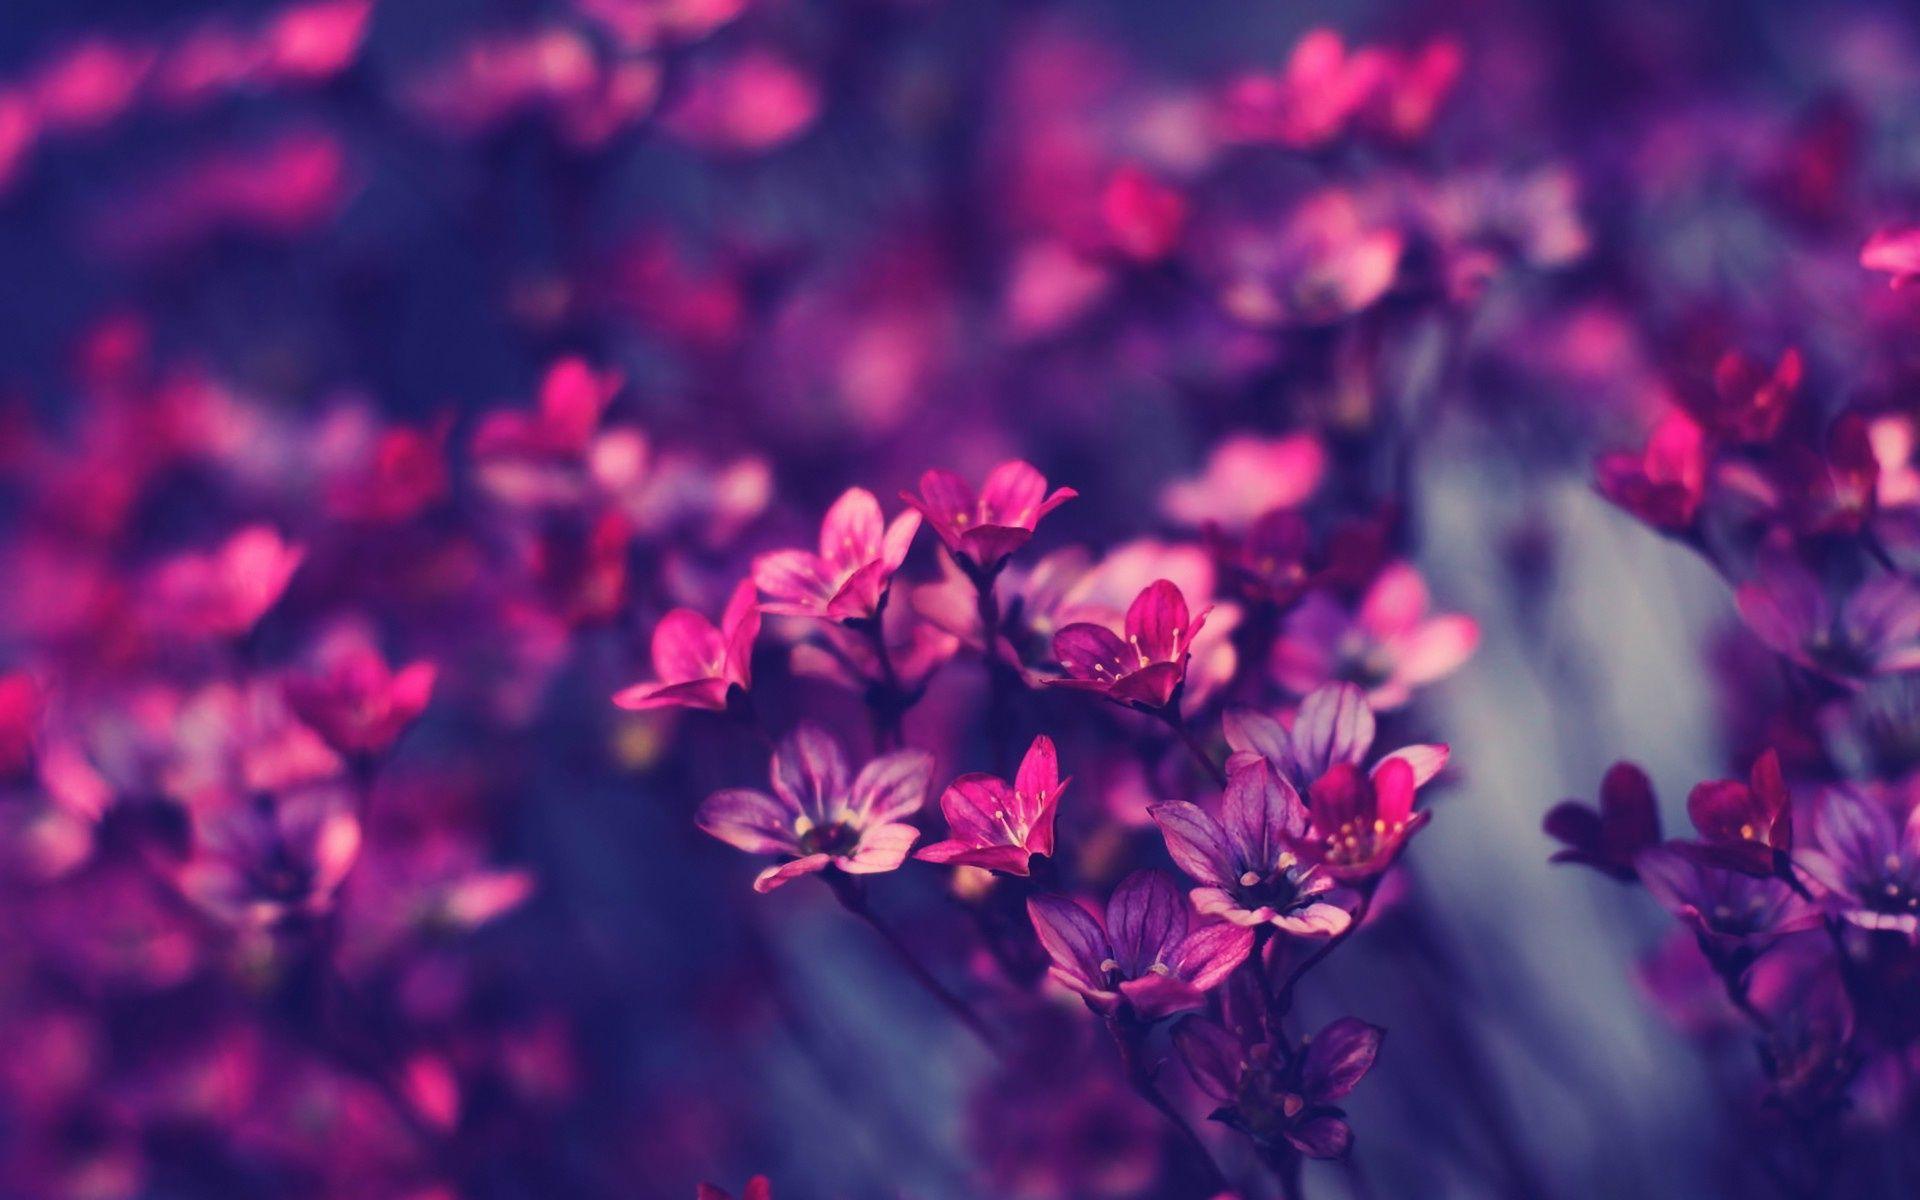 Ảnh wallpaper đẹp về hoa